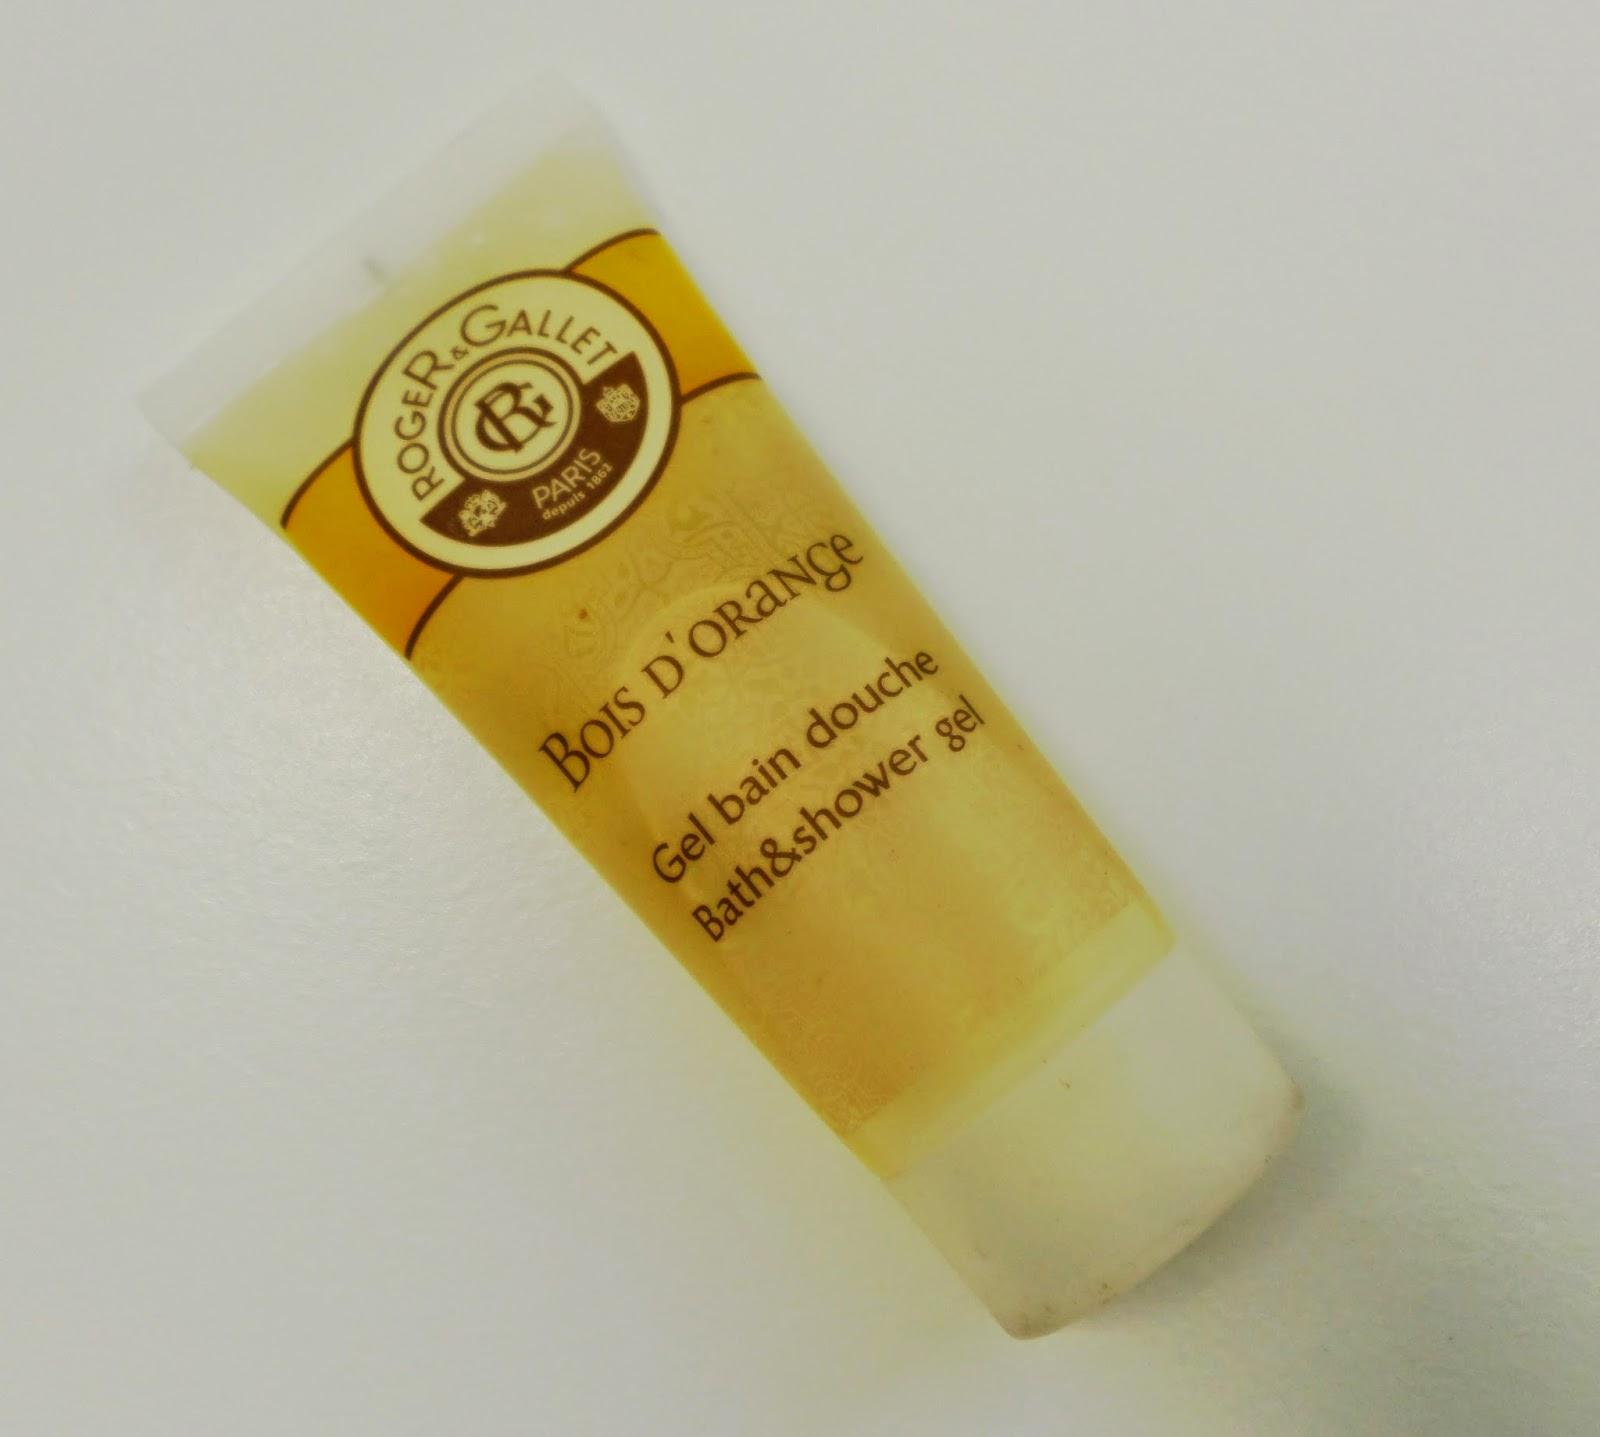 Roger & Gallet Bois D'Orange Bath & Shower Gel